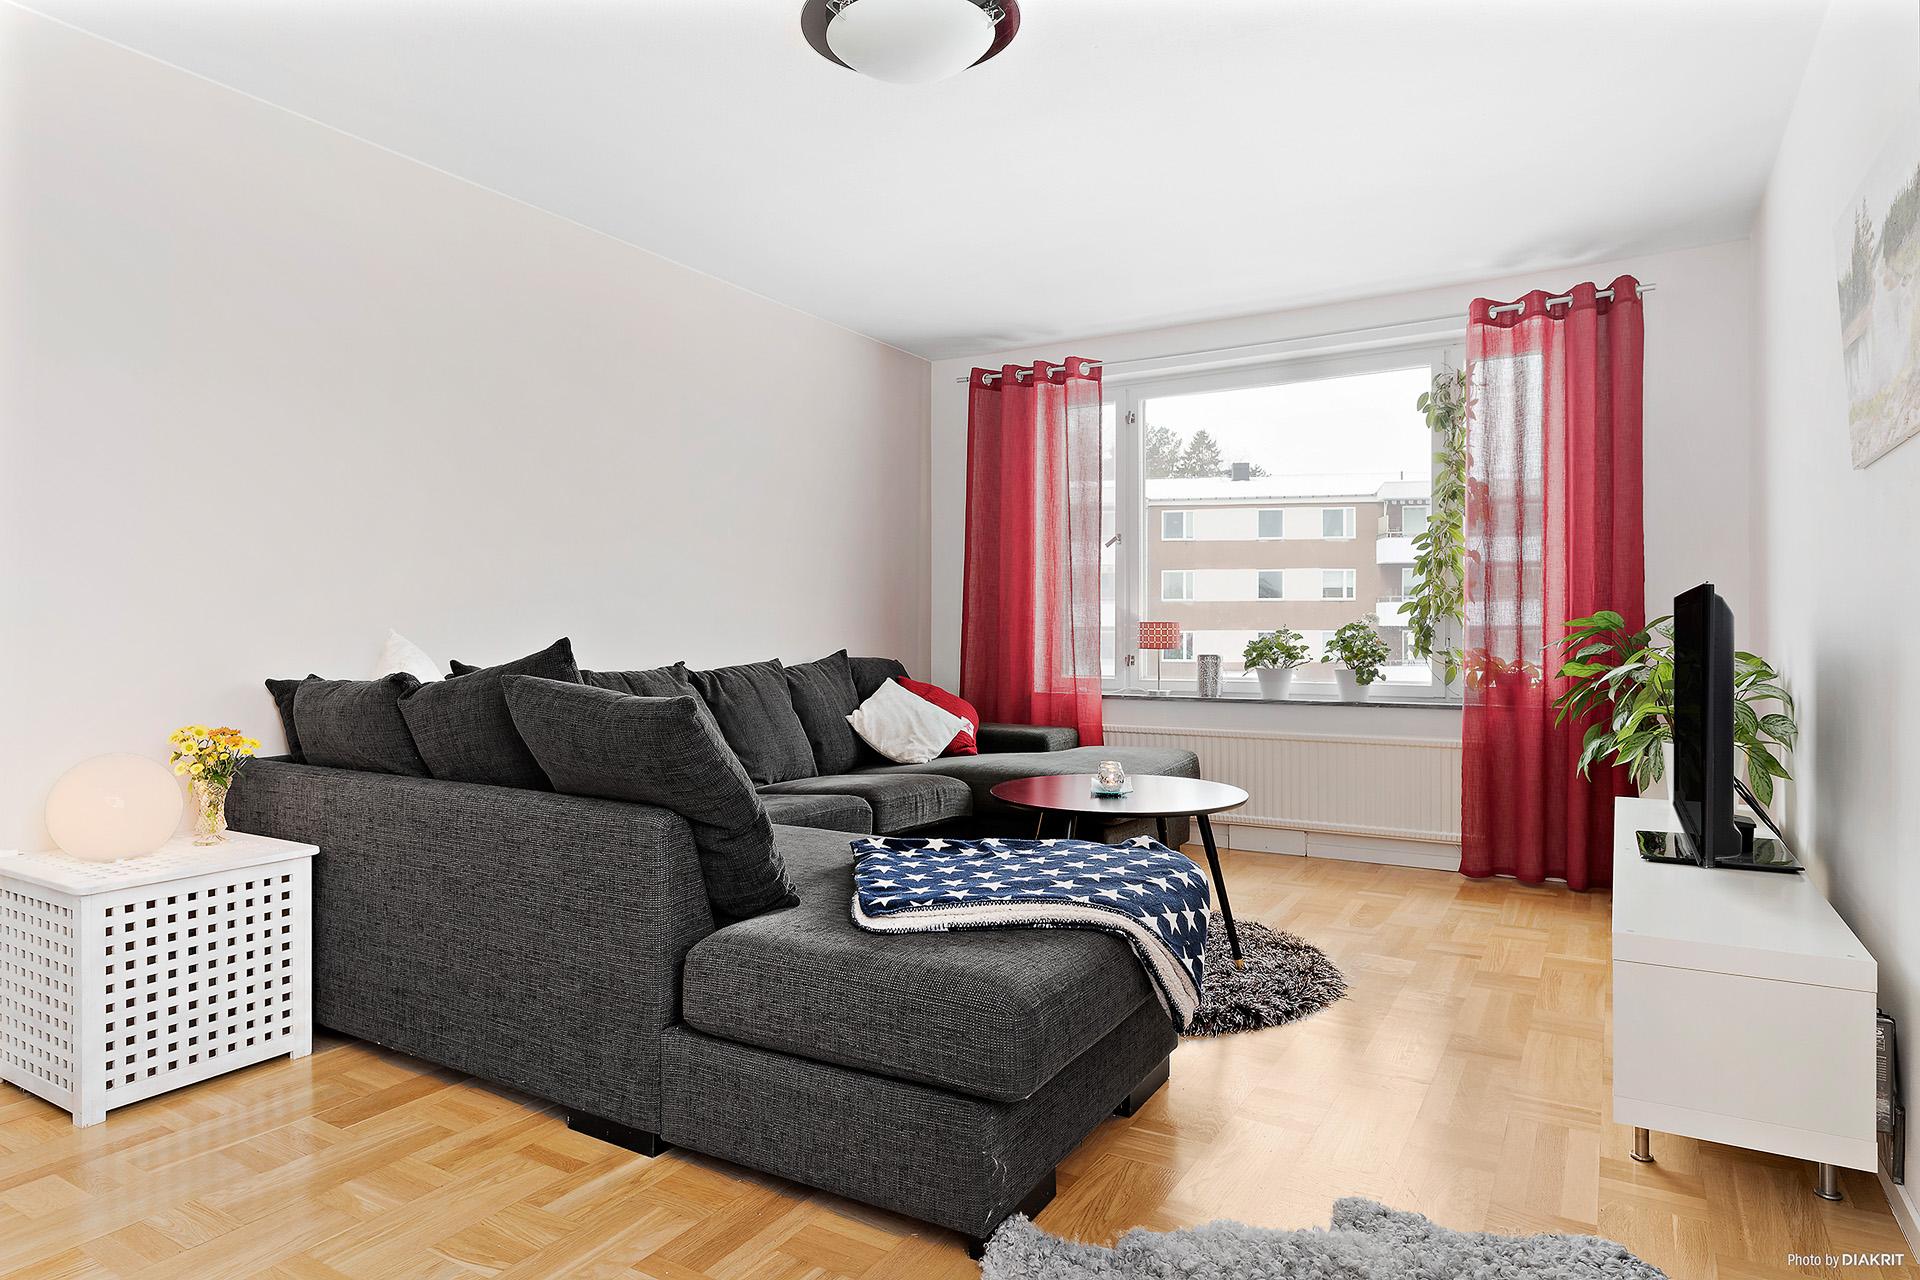 Vardagsrum med fönster i 2 väderstreck